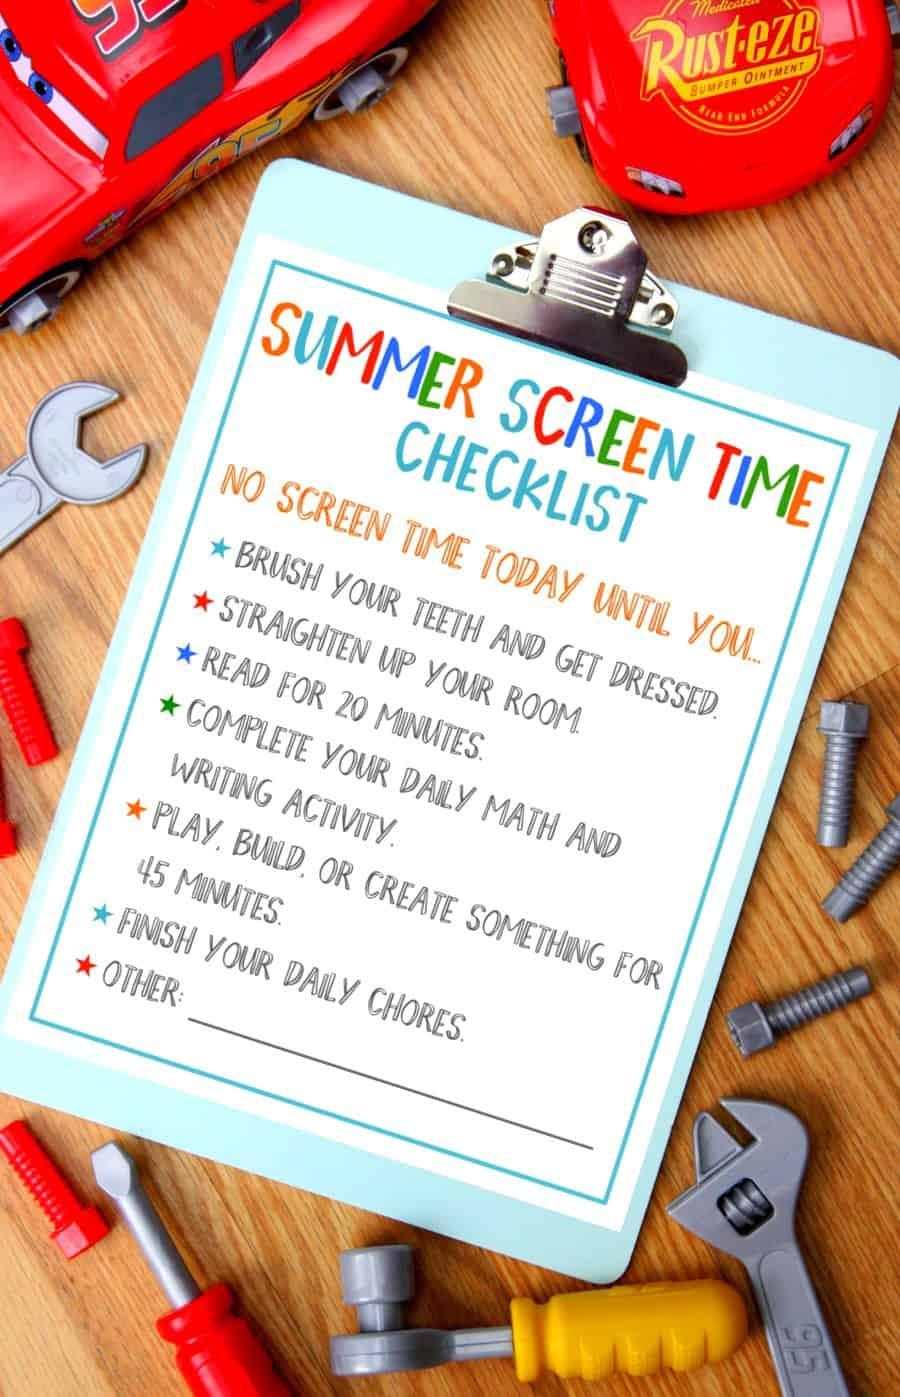 Summer Screen Time Checklist final